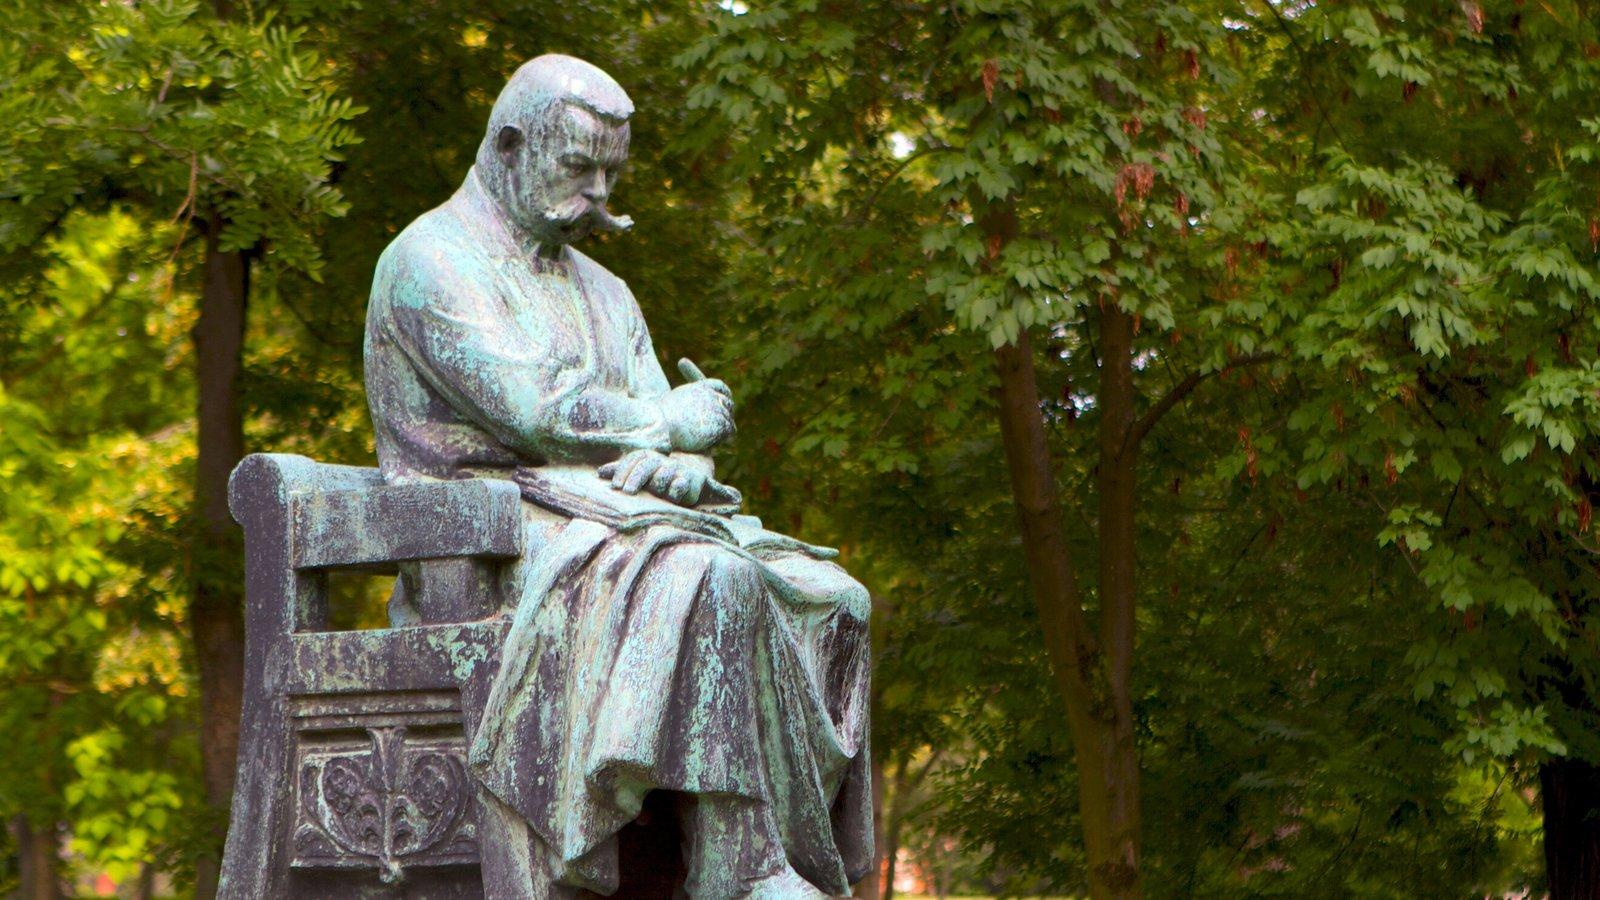 Parque municipal caracterizando uma estátua ou escultura e um parque